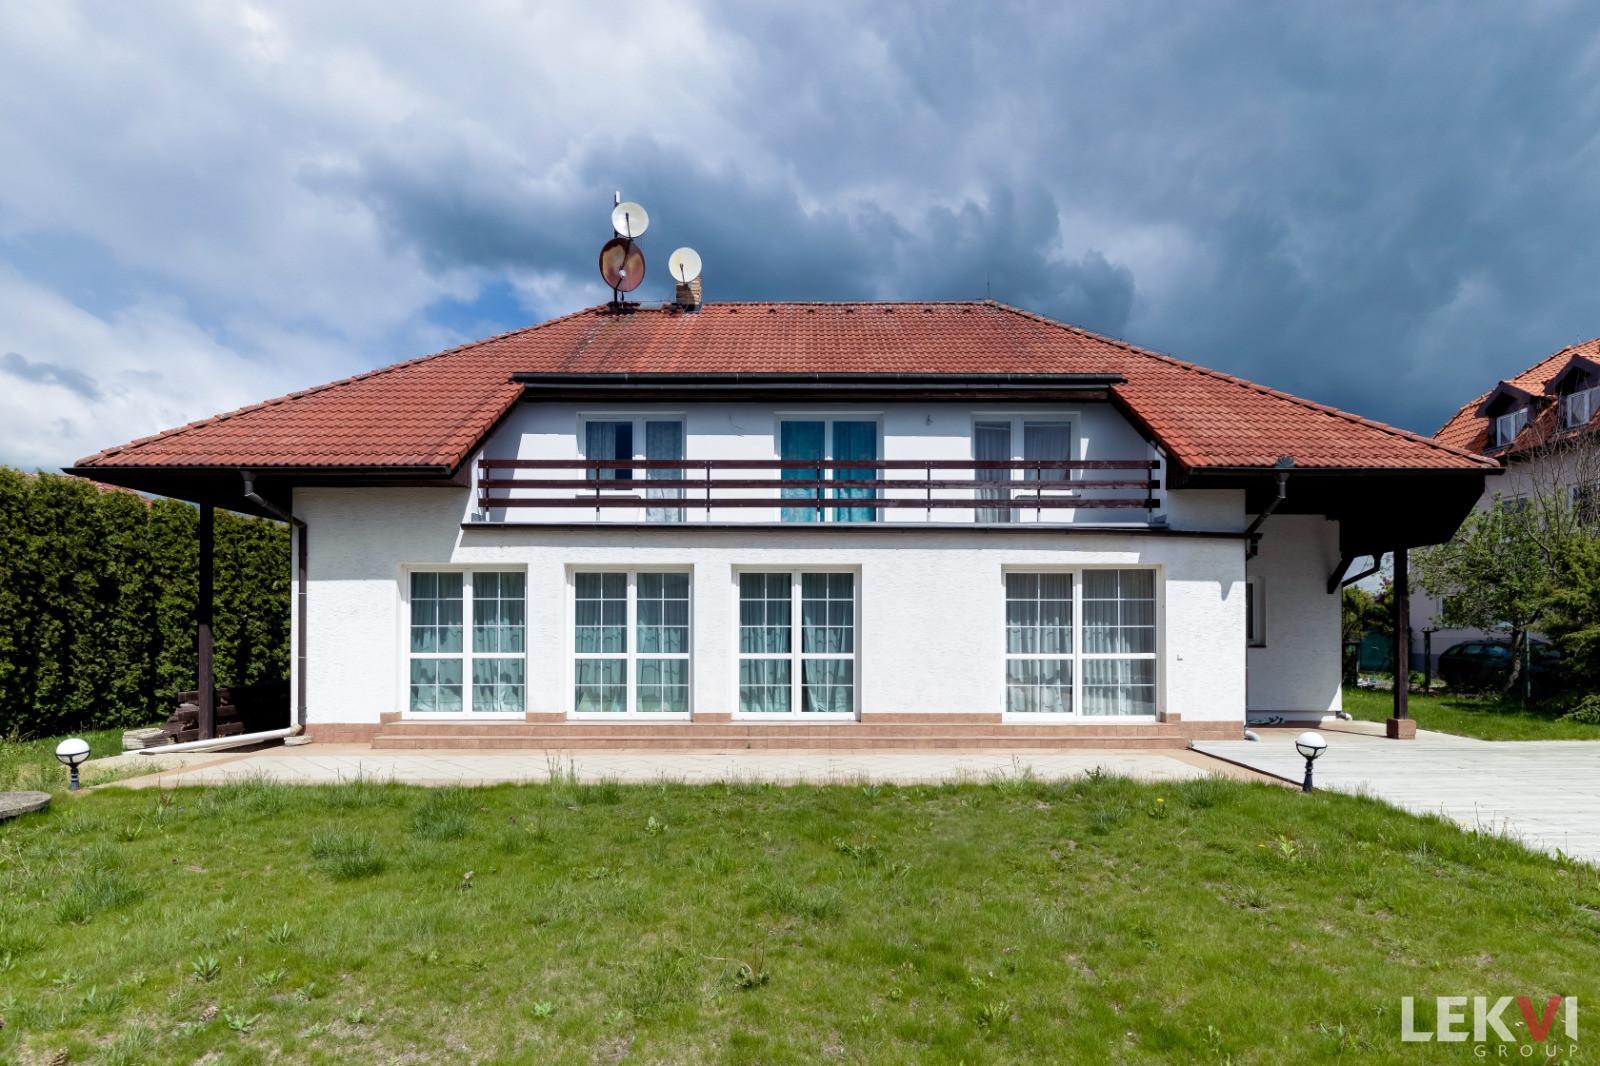 Prodej domu rodinný, 489 m2 - V Jezerách, Praha-východ